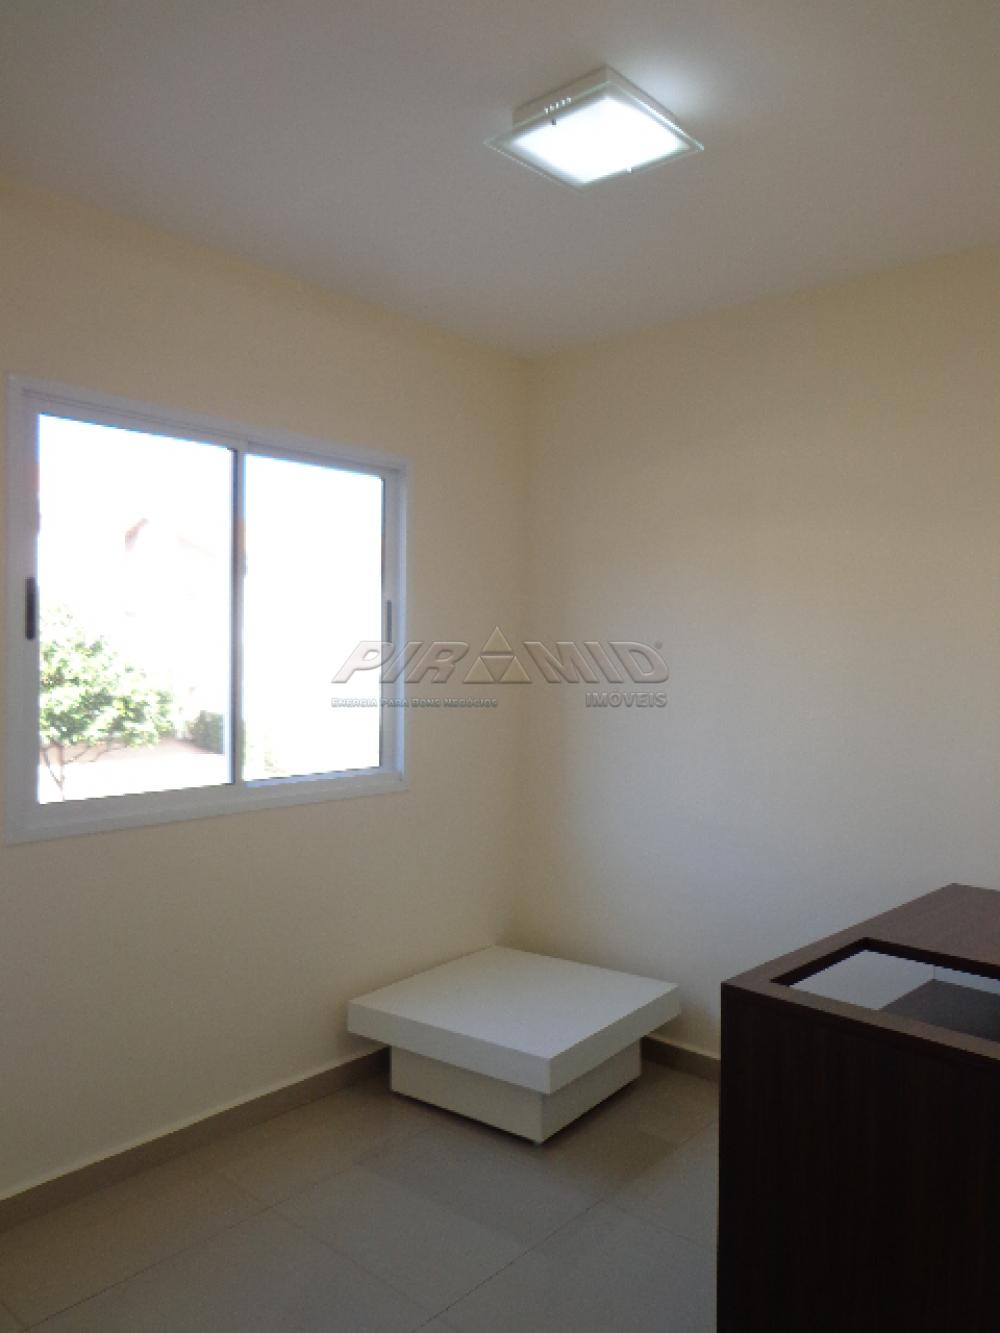 Alugar Casa / Condomínio em Ribeirão Preto apenas R$ 2.200,00 - Foto 4